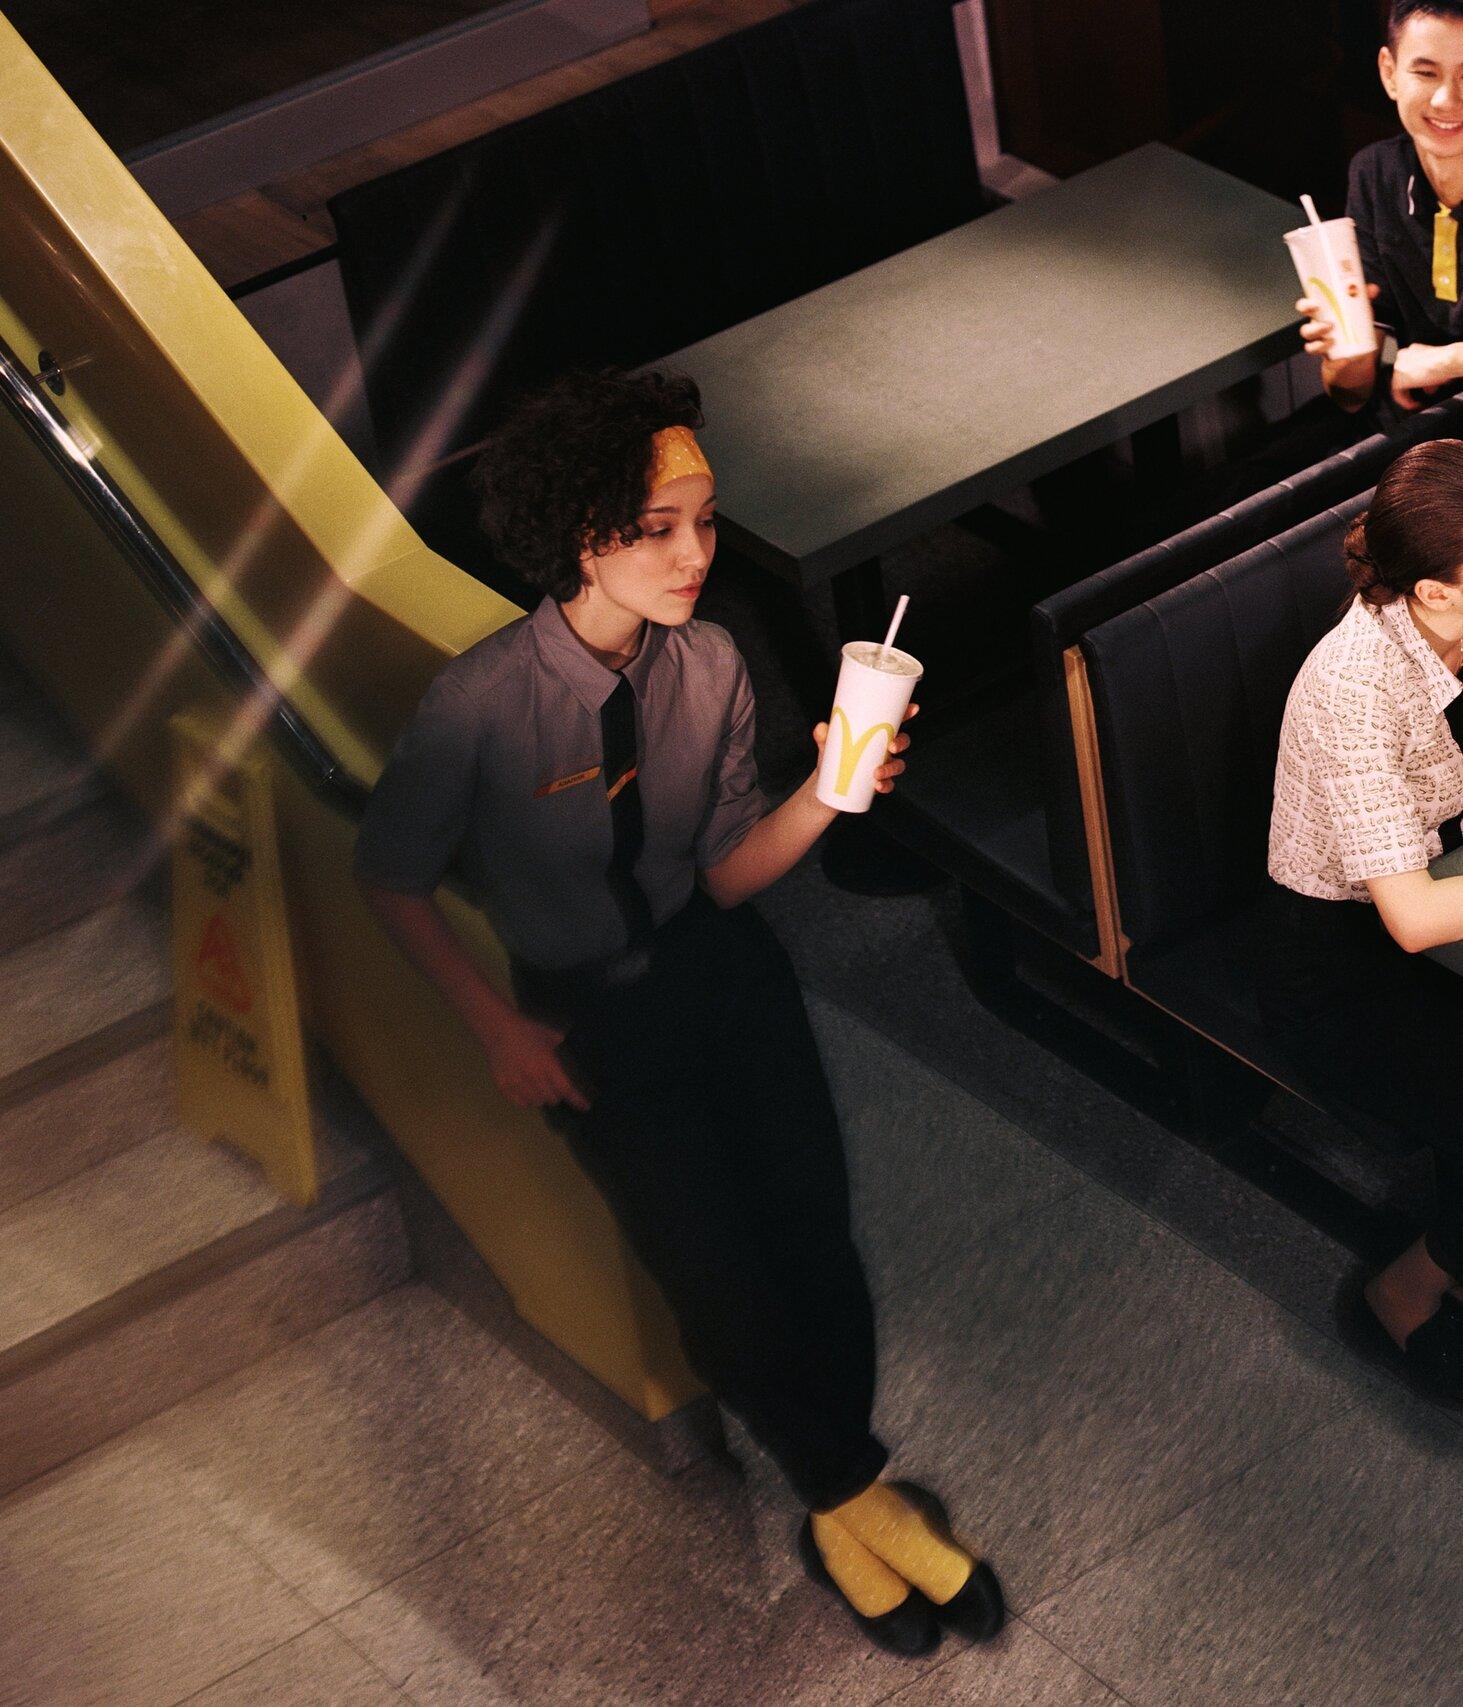 """Самые резонансные скандалы с участием """"макдональдса"""" - informburo.kz"""